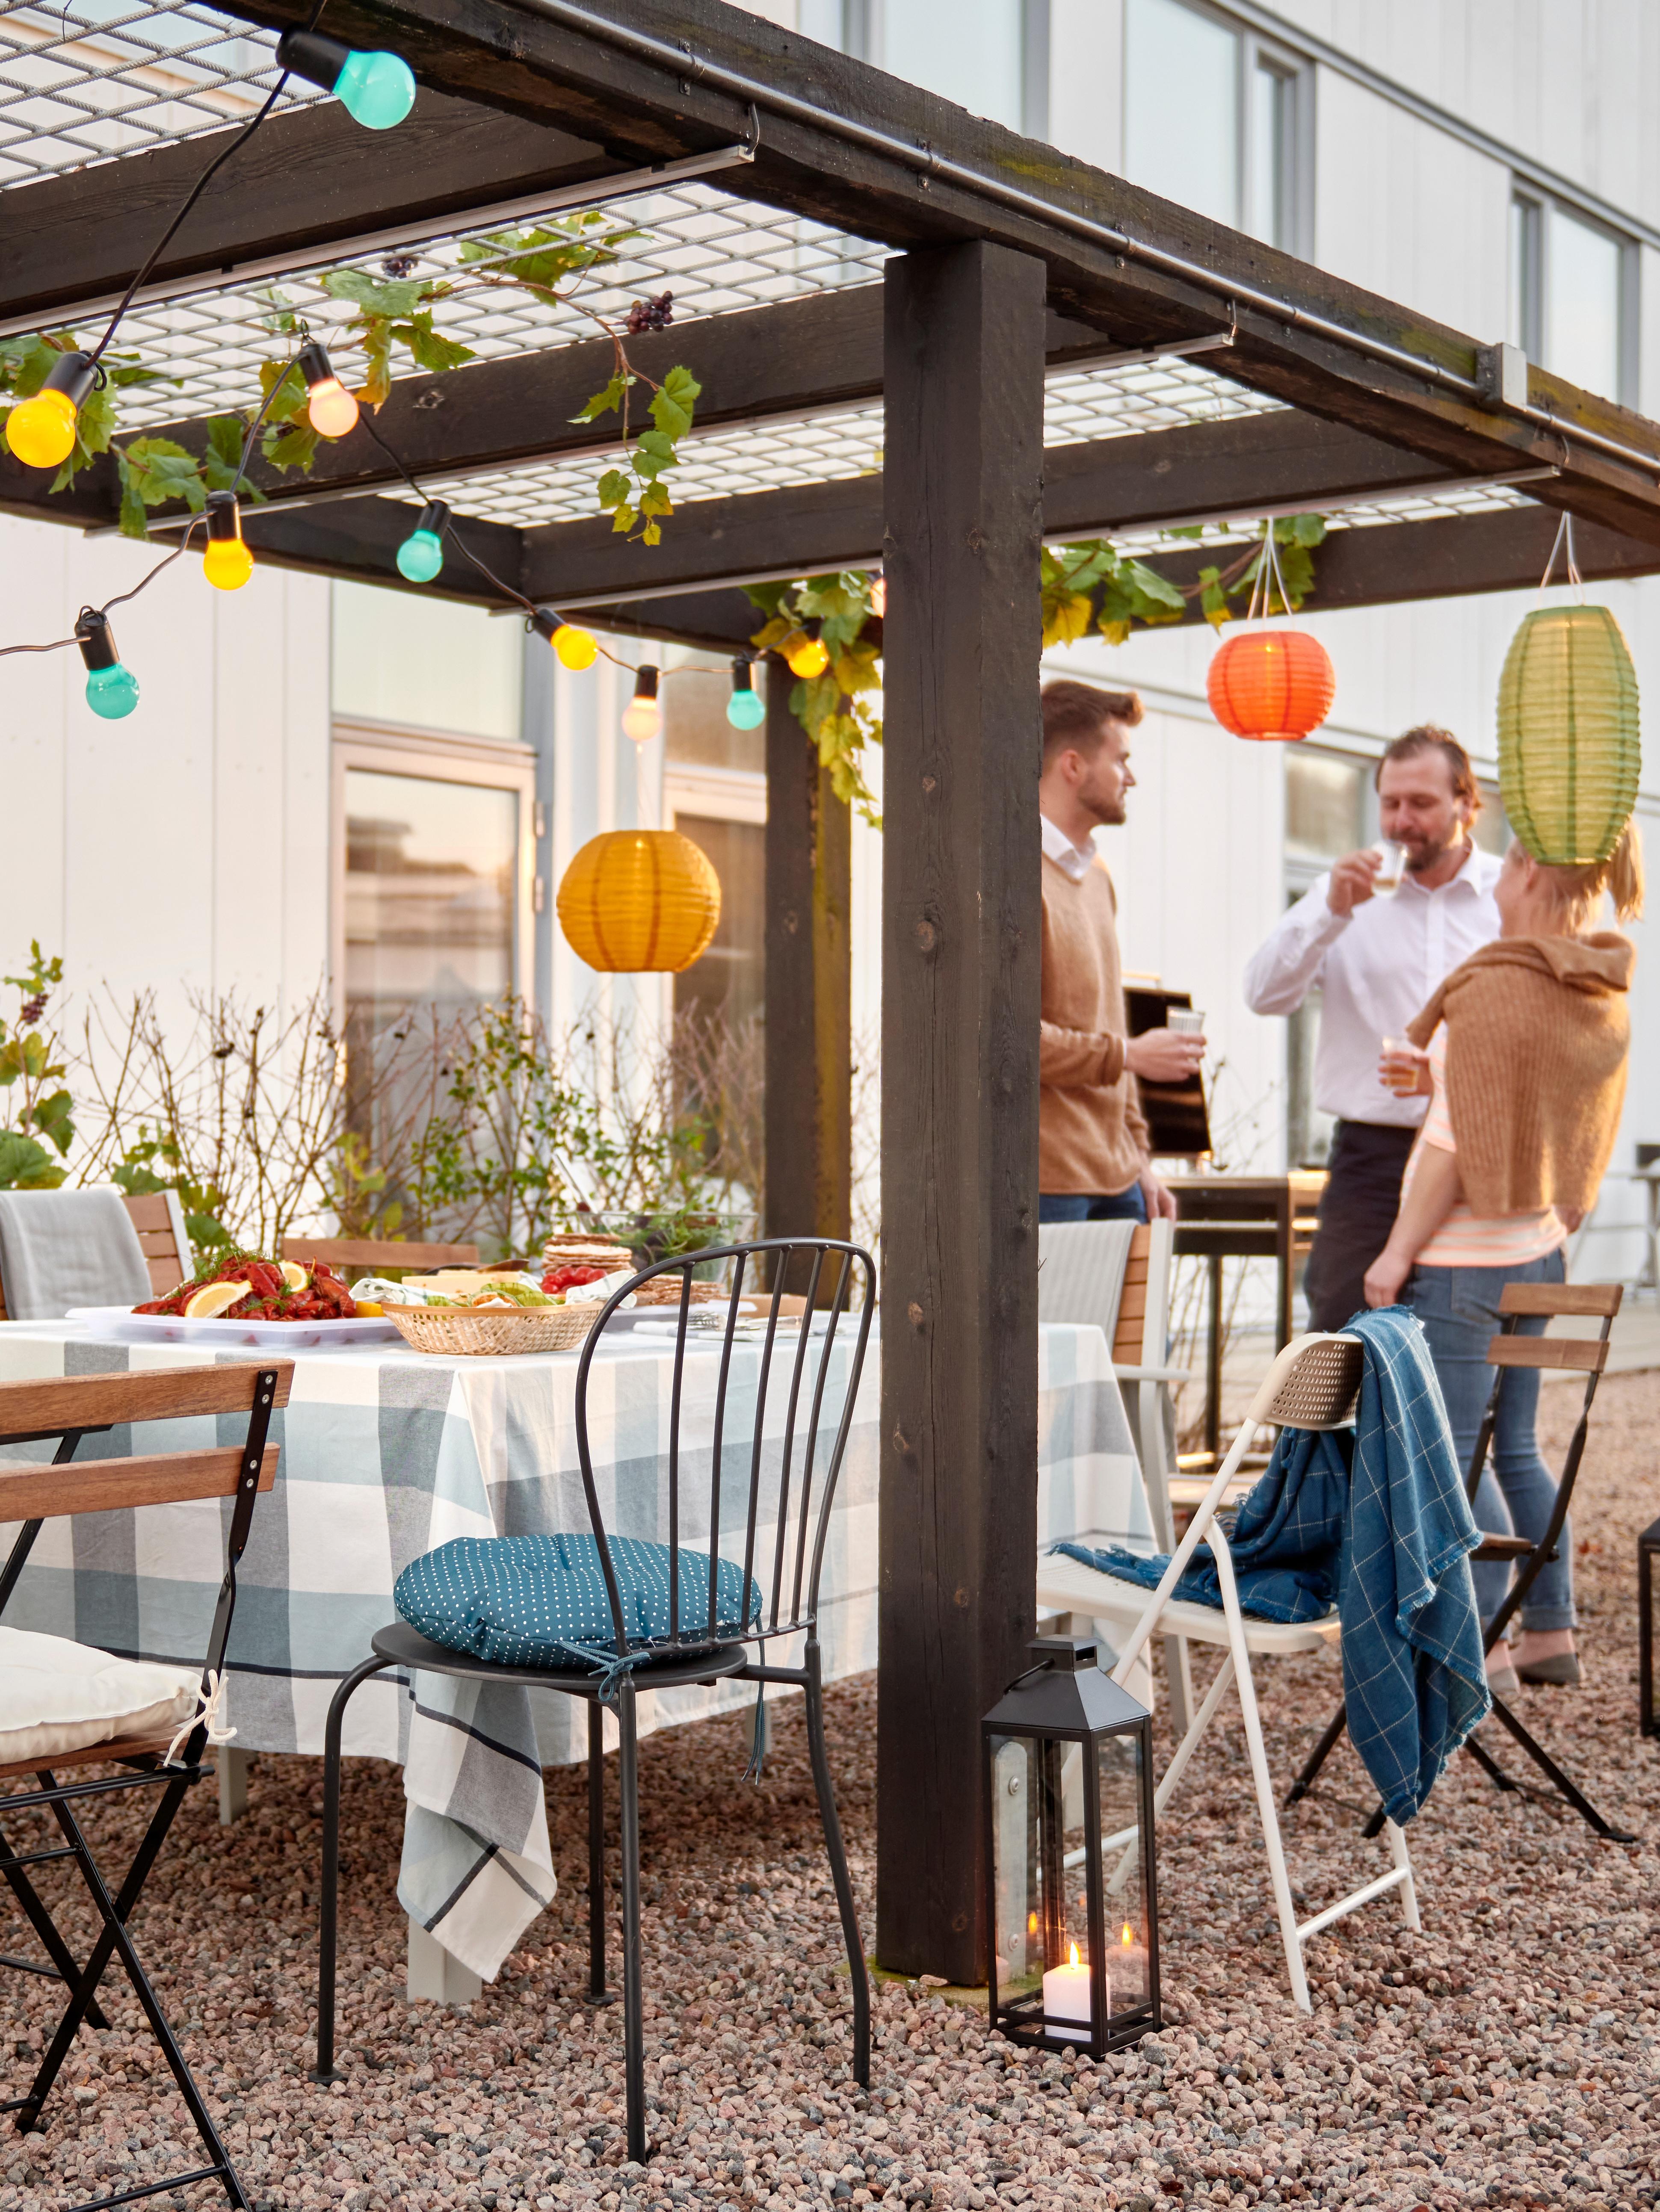 Uno spazio all'aperto con un gruppo di persone che socializzano insieme, un tavolo apparecchiato per una festa, sedie e illuminazione sospesa.